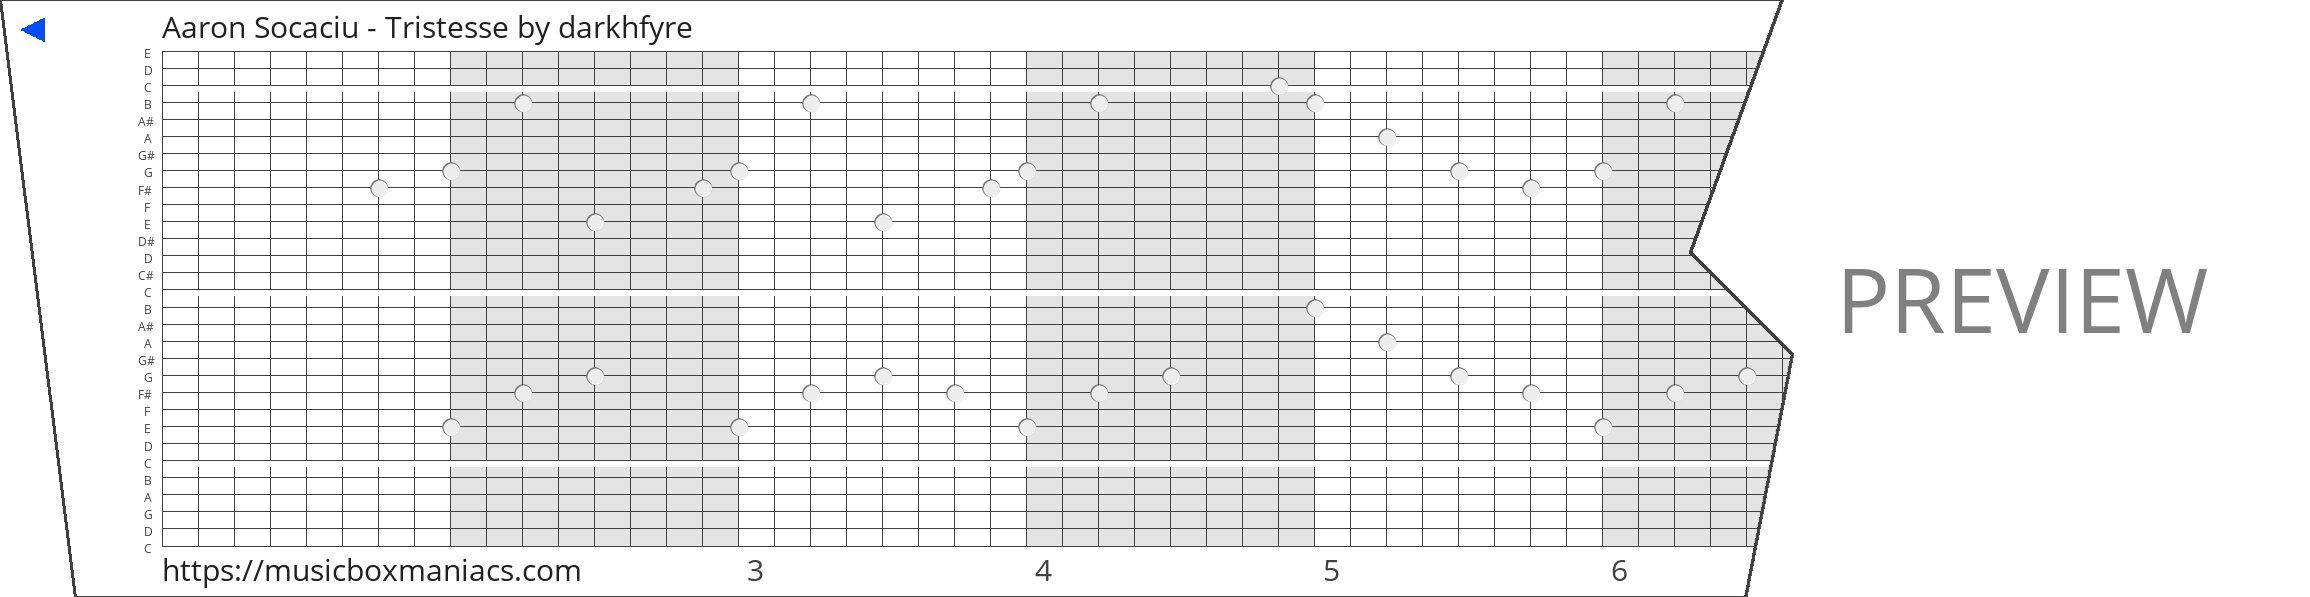 Aaron Socaciu - Tristesse 30 note music box paper strip